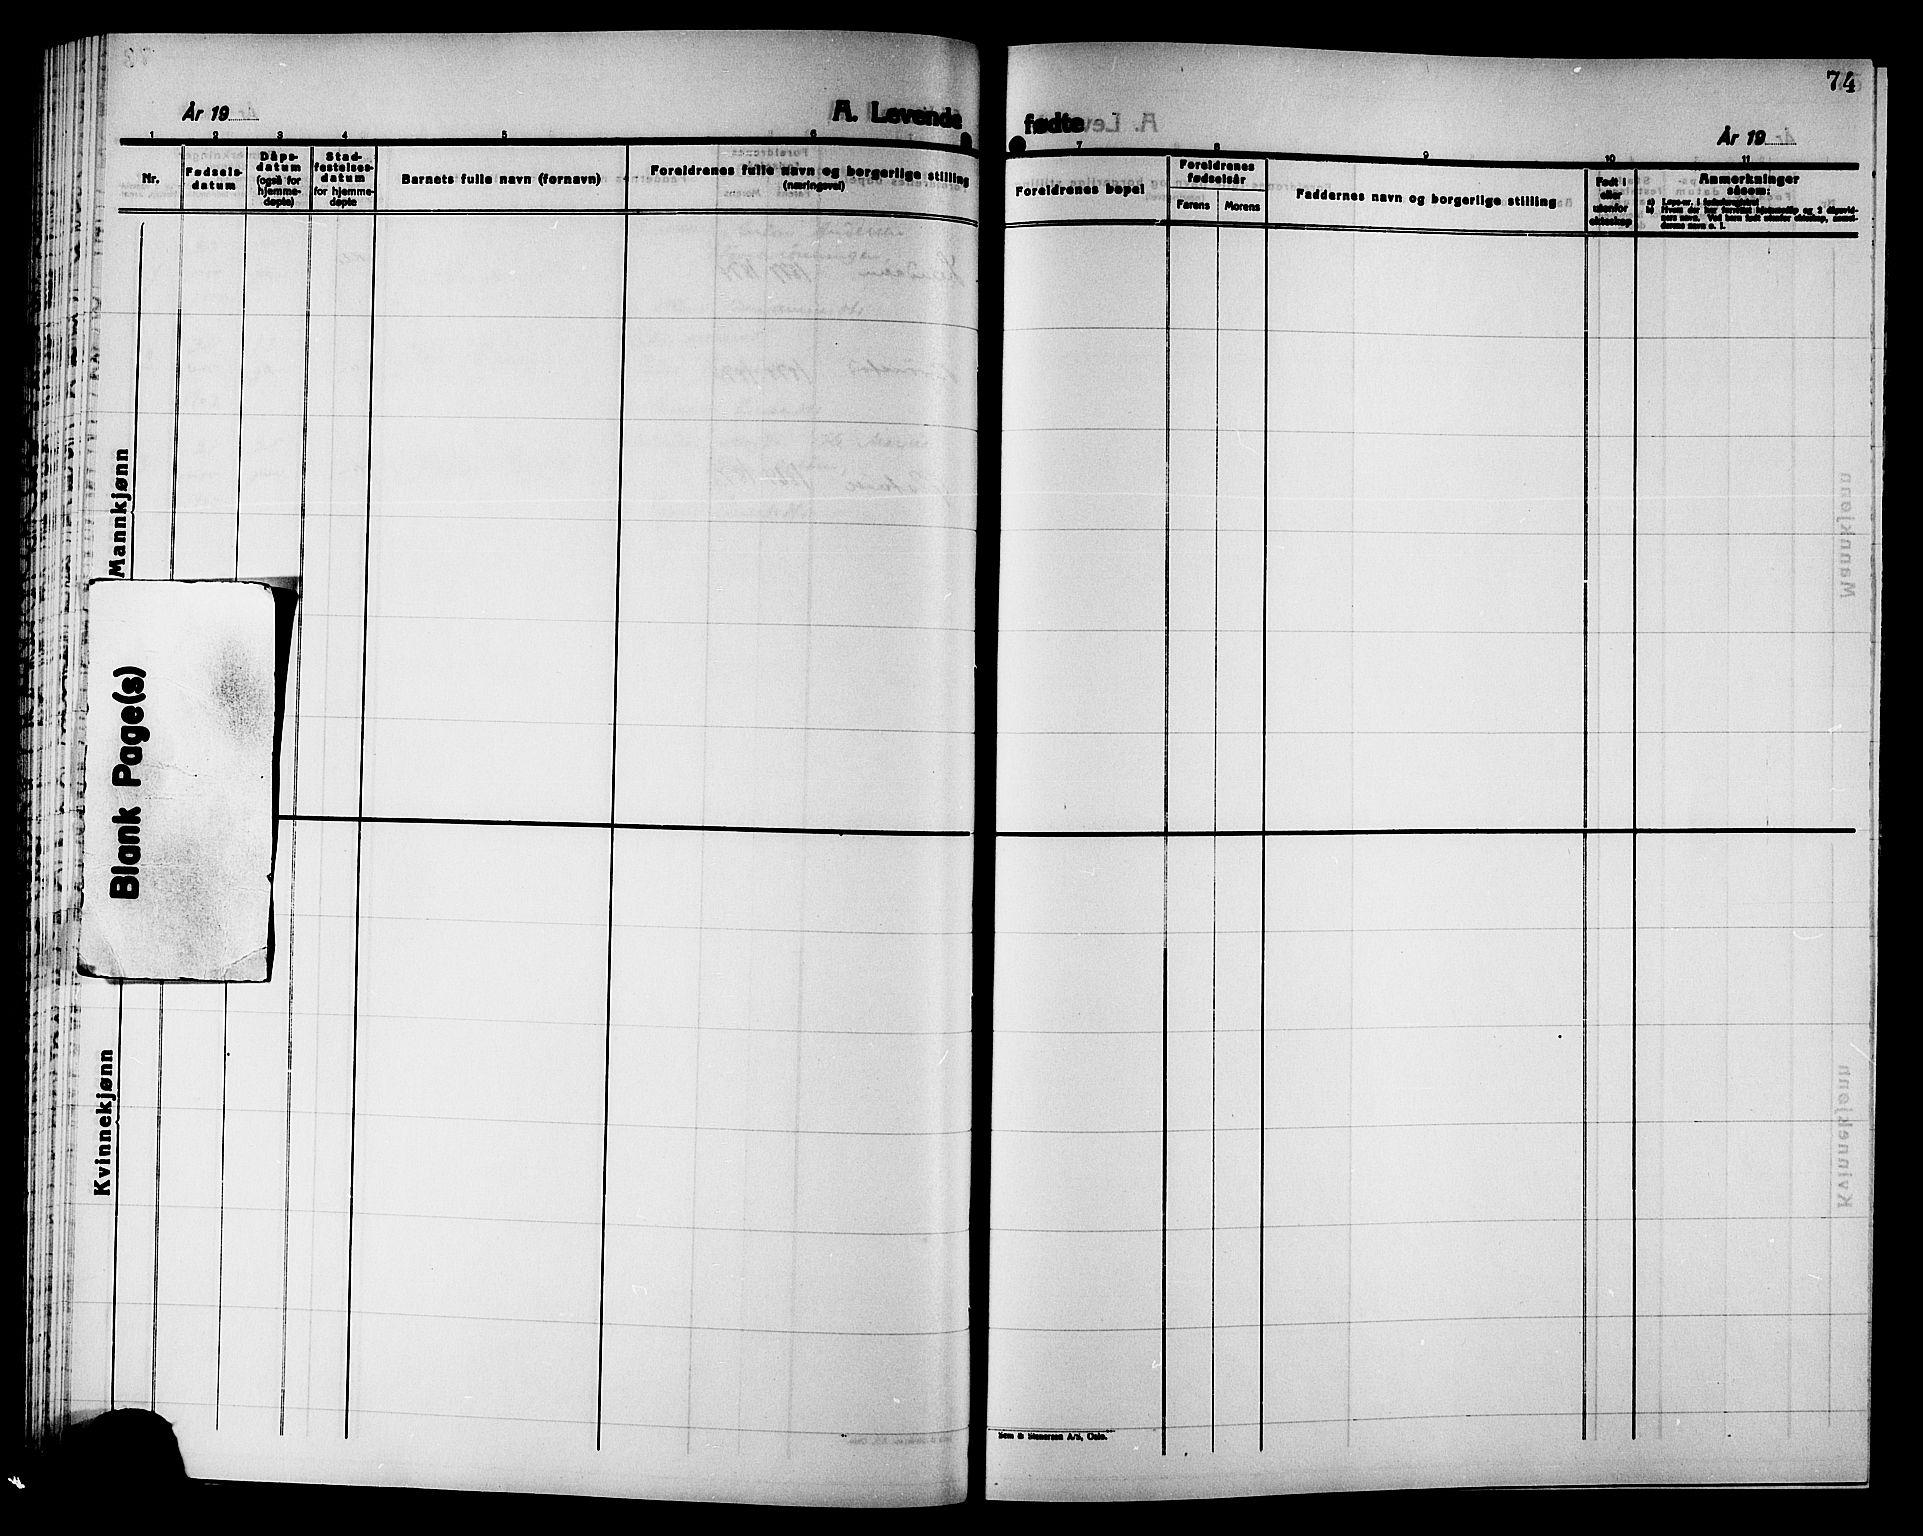 SAT, Ministerialprotokoller, klokkerbøker og fødselsregistre - Nord-Trøndelag, 749/L0487: Ministerialbok nr. 749D03, 1887-1902, s. 74